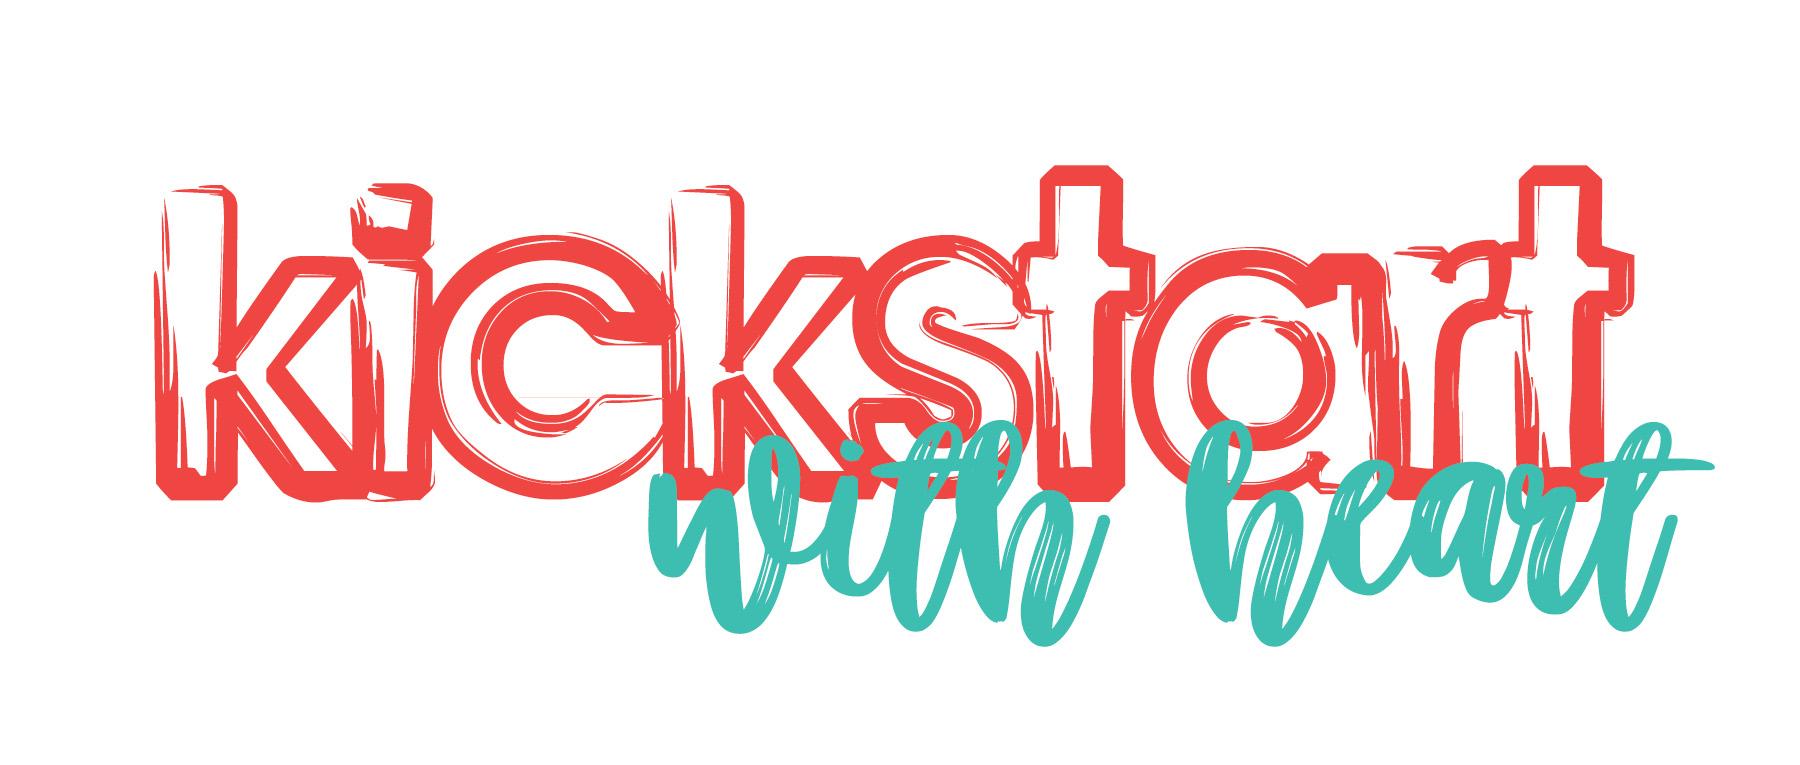 kickstart logo 2.jpg